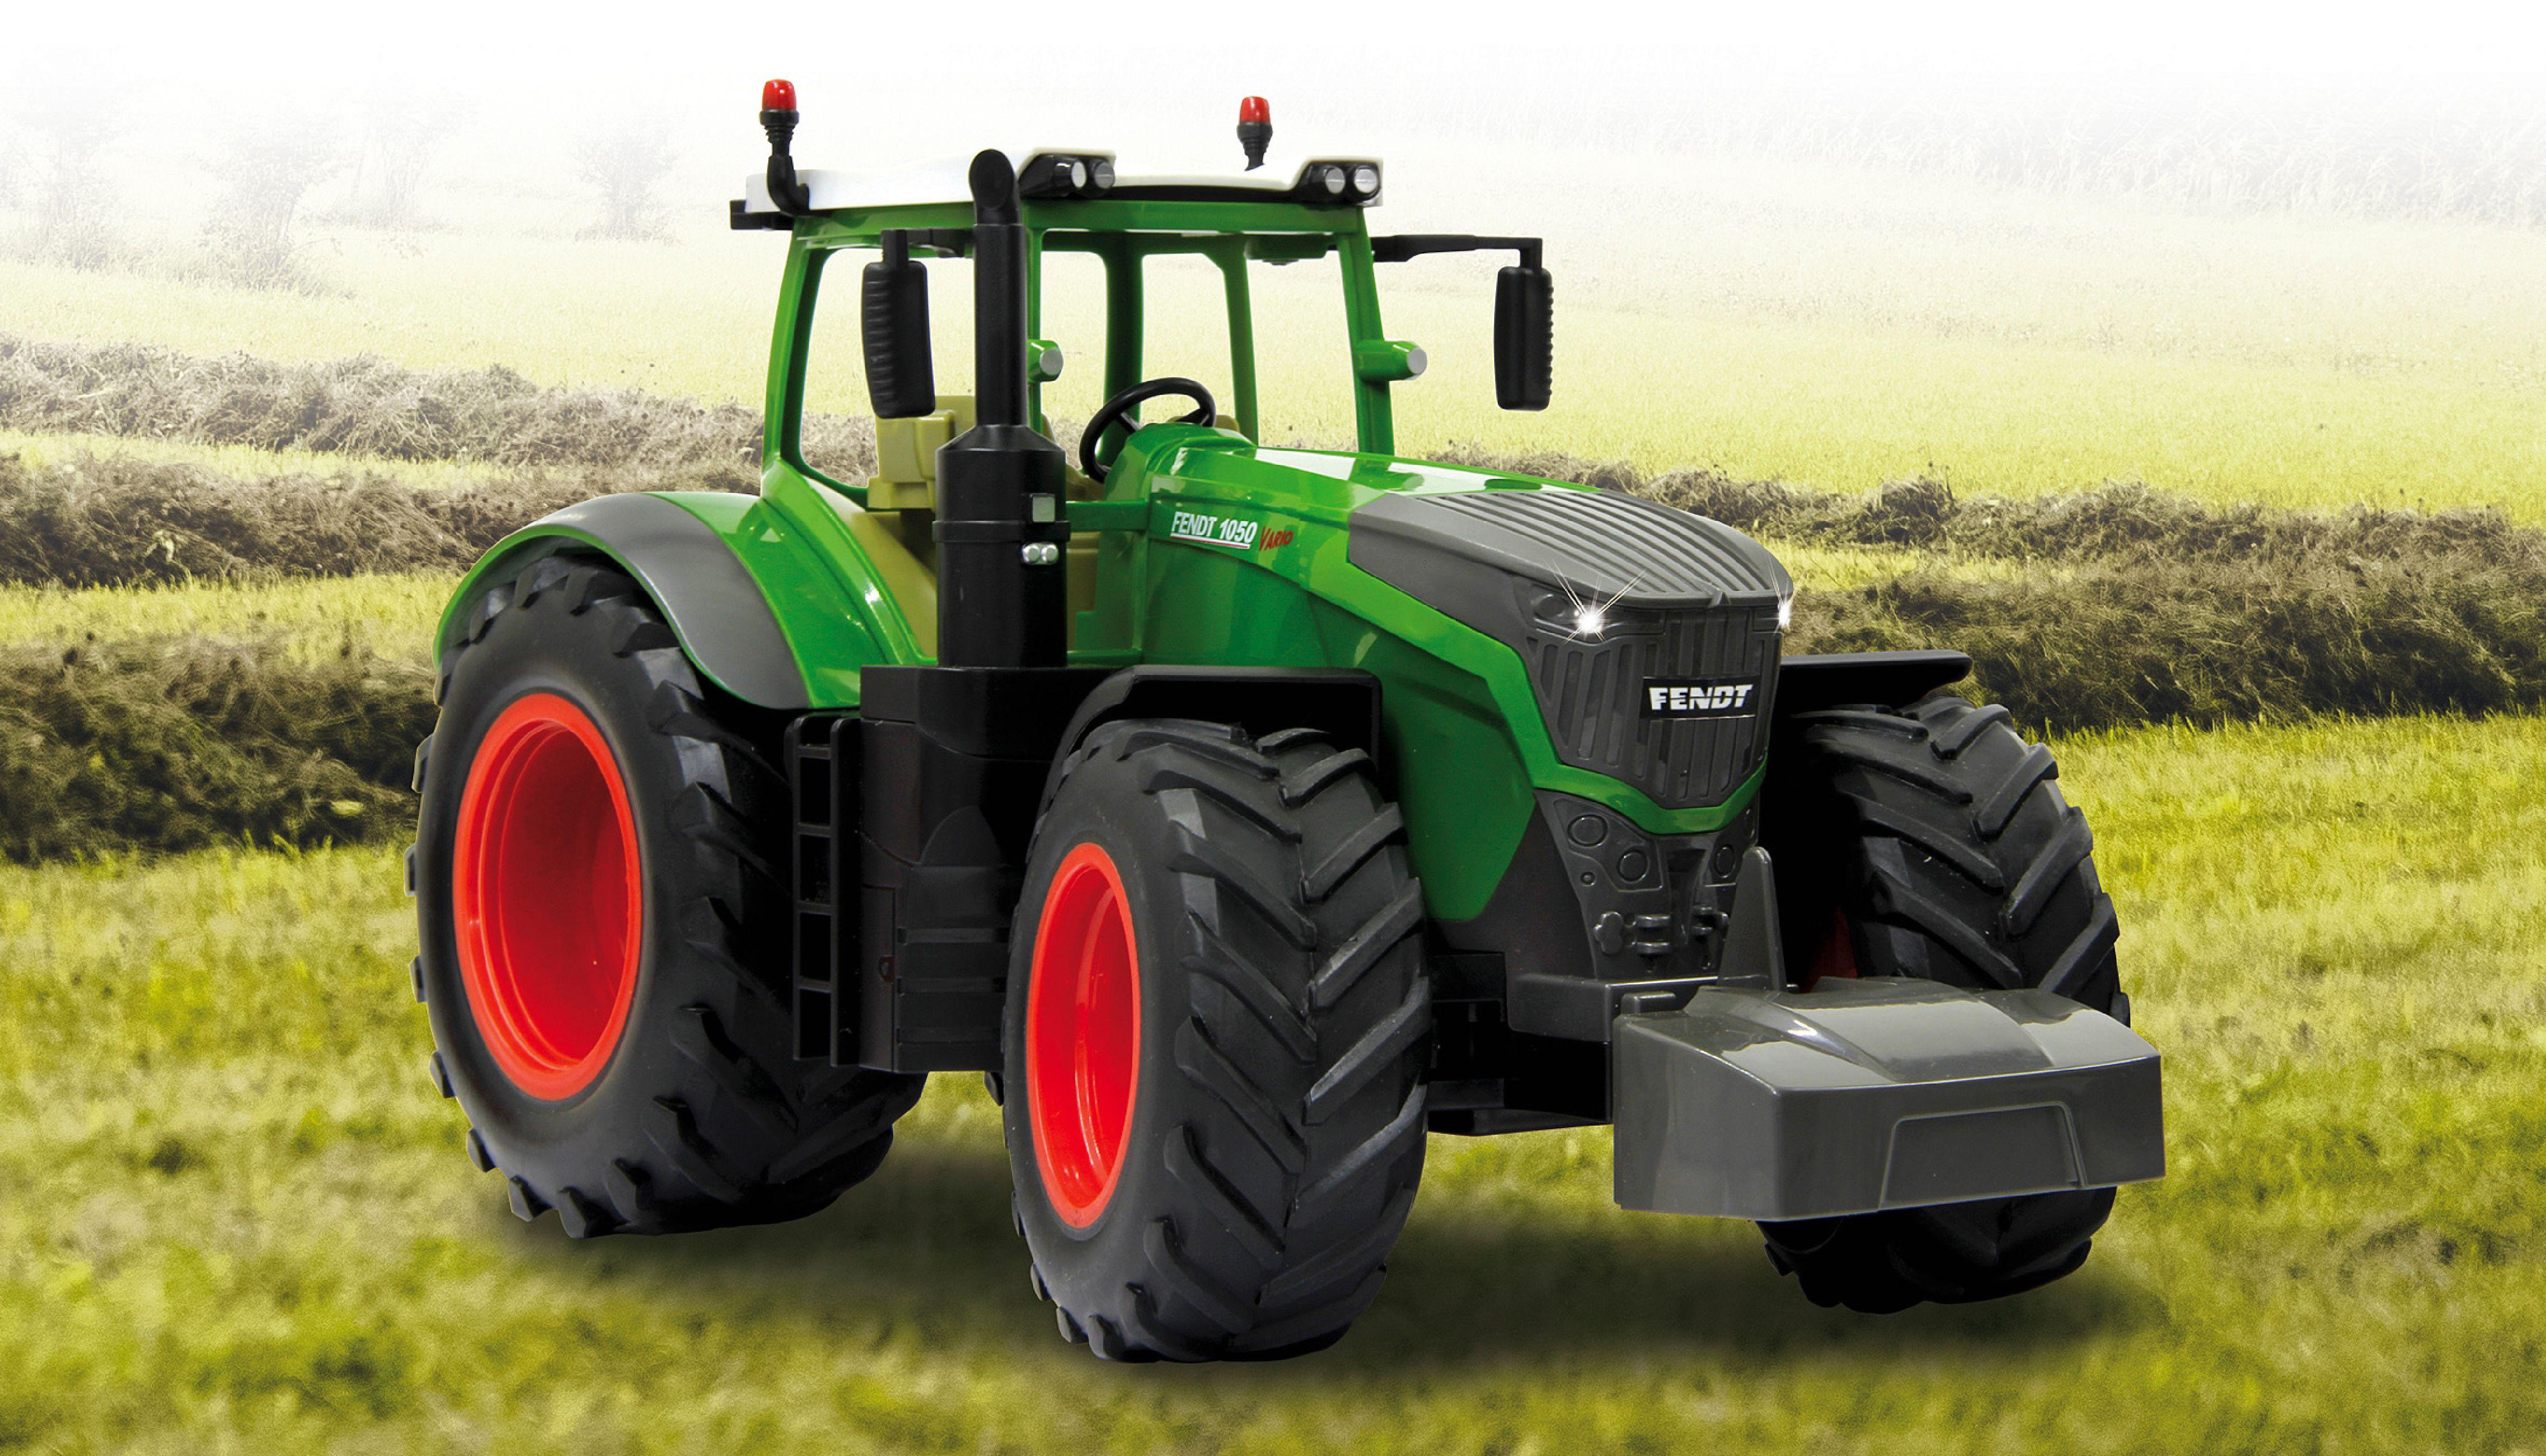 Traktor Fendt 1050 na dálkové ovládání 2.4GHz v měřítku 1:16, Jamara JAM-405035